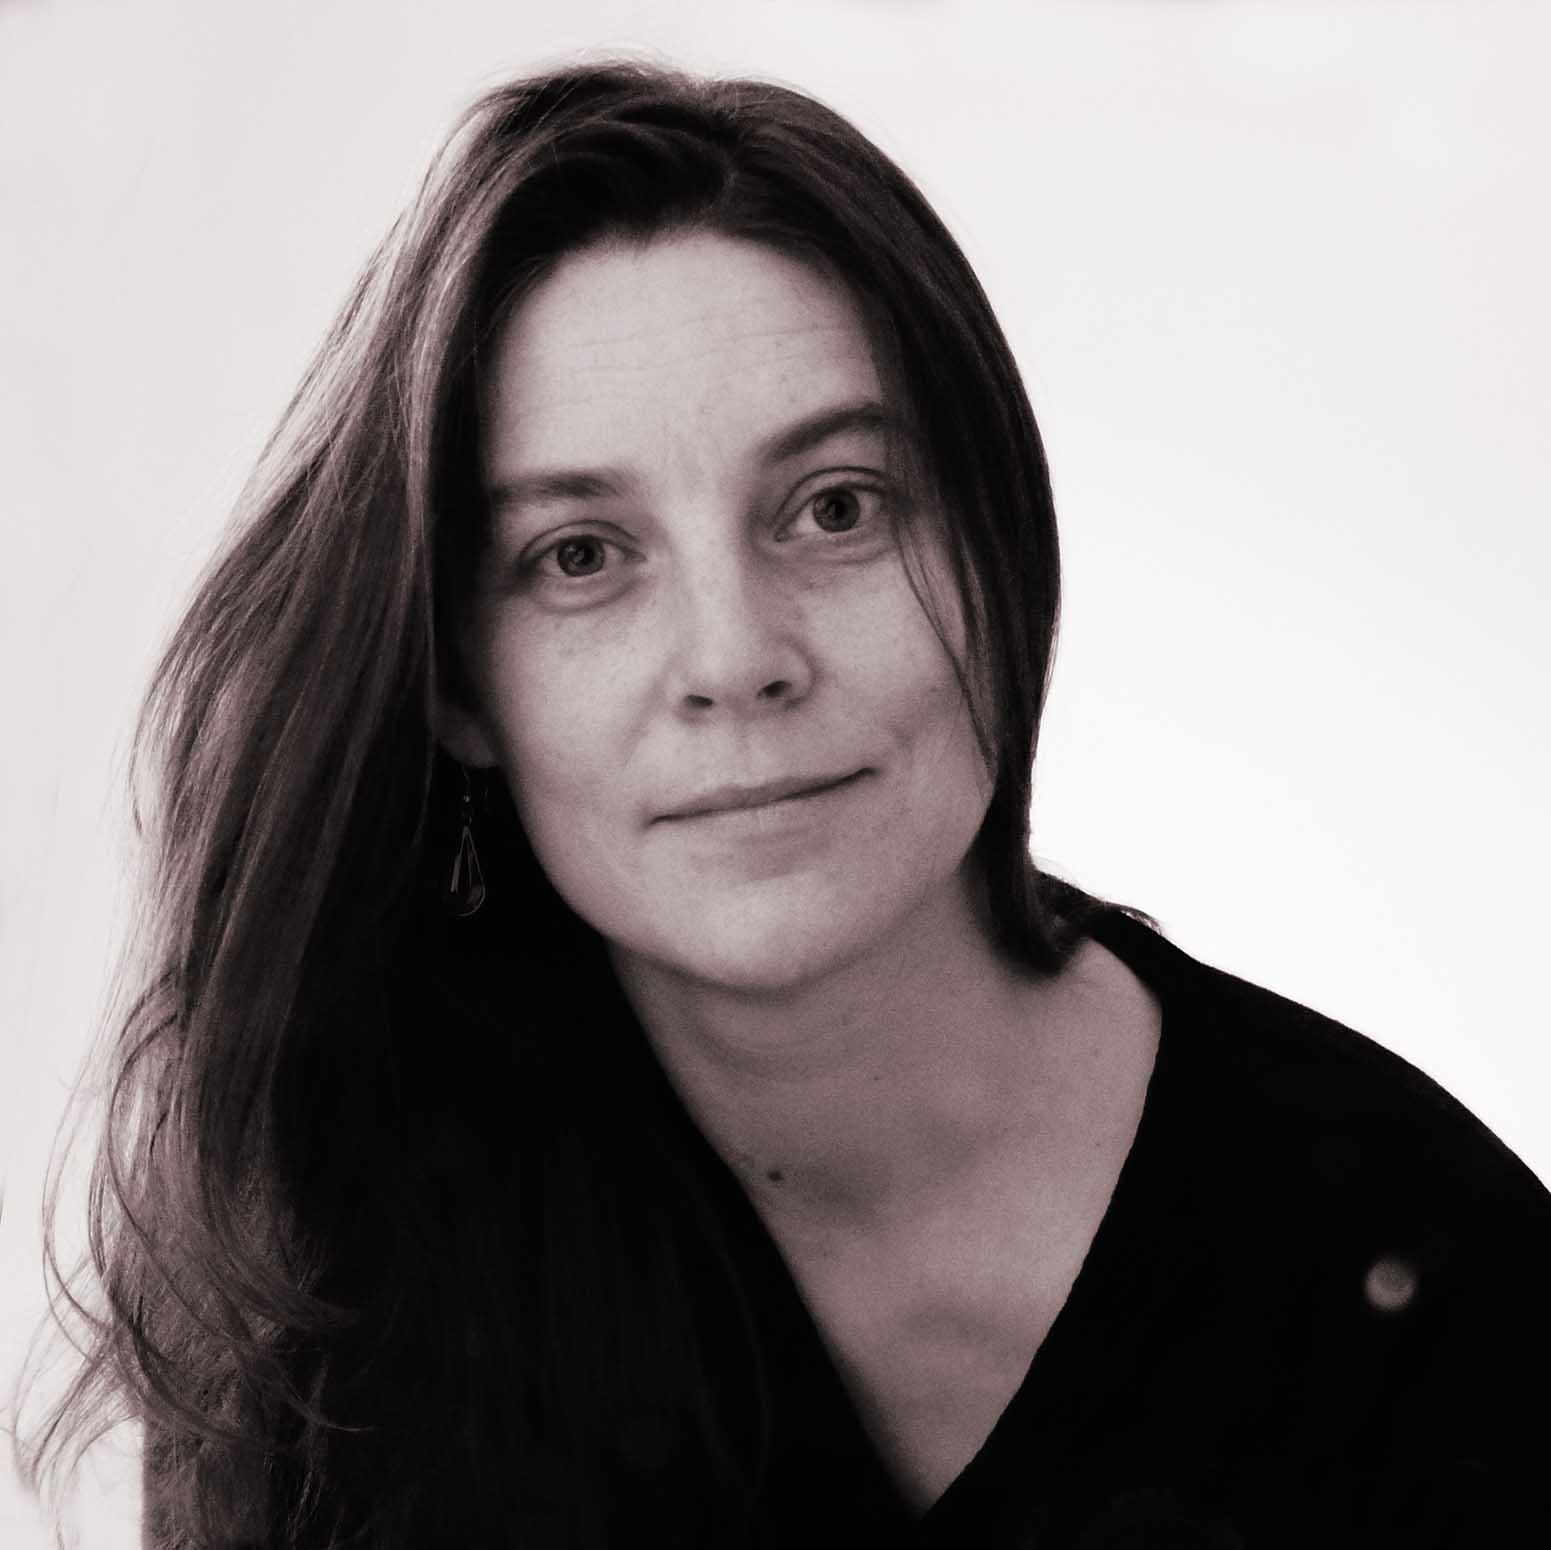 Marie Bilodeau